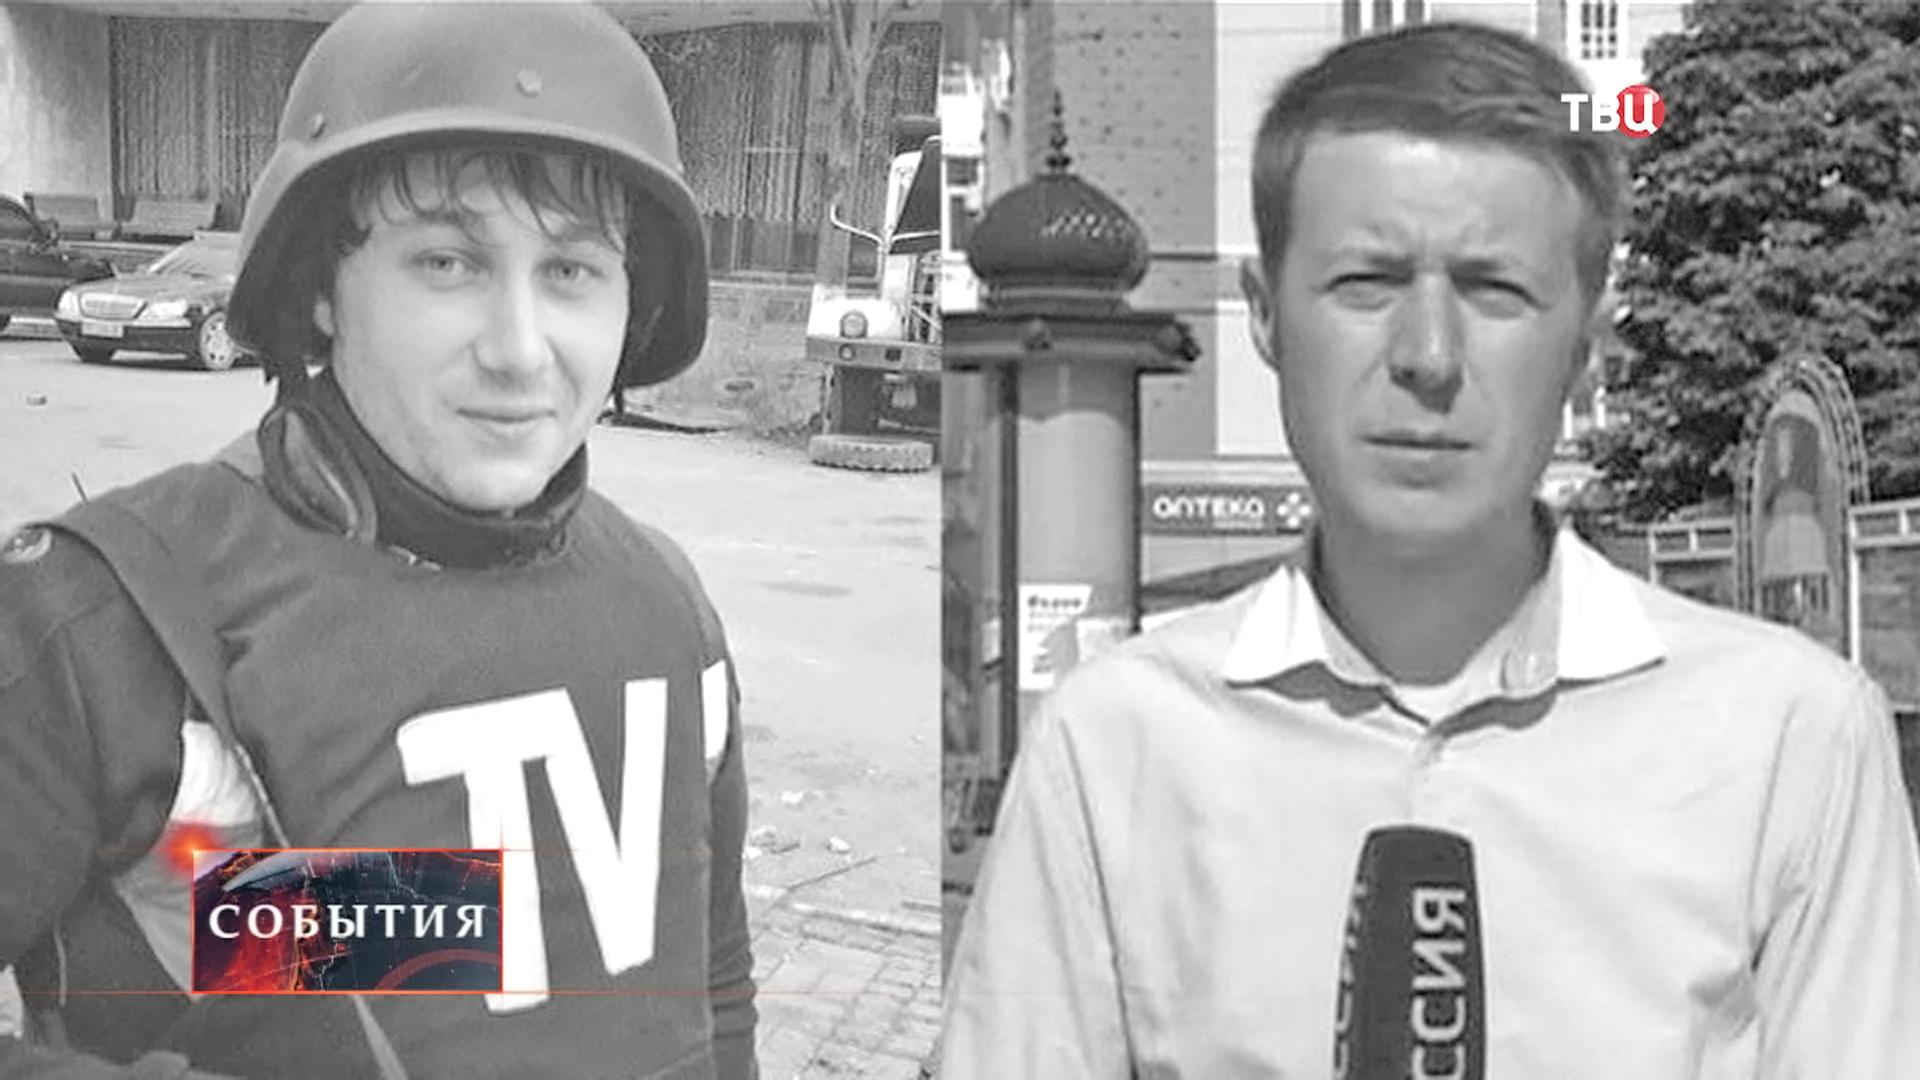 Журналисты Игорь Корнелюк и Антон Волошин